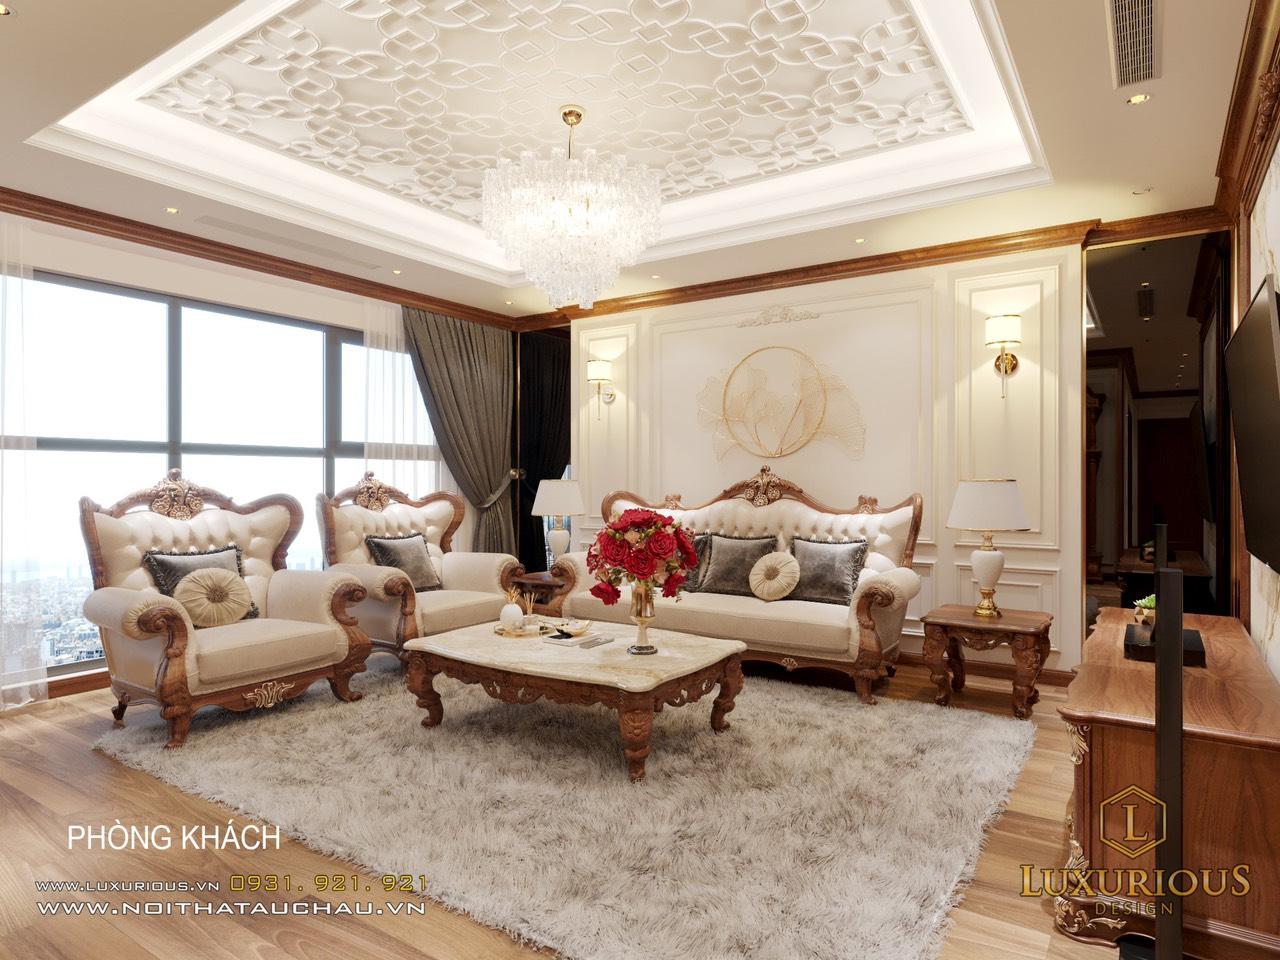 Mẫu thiết kế phòng khách tân cổ điển